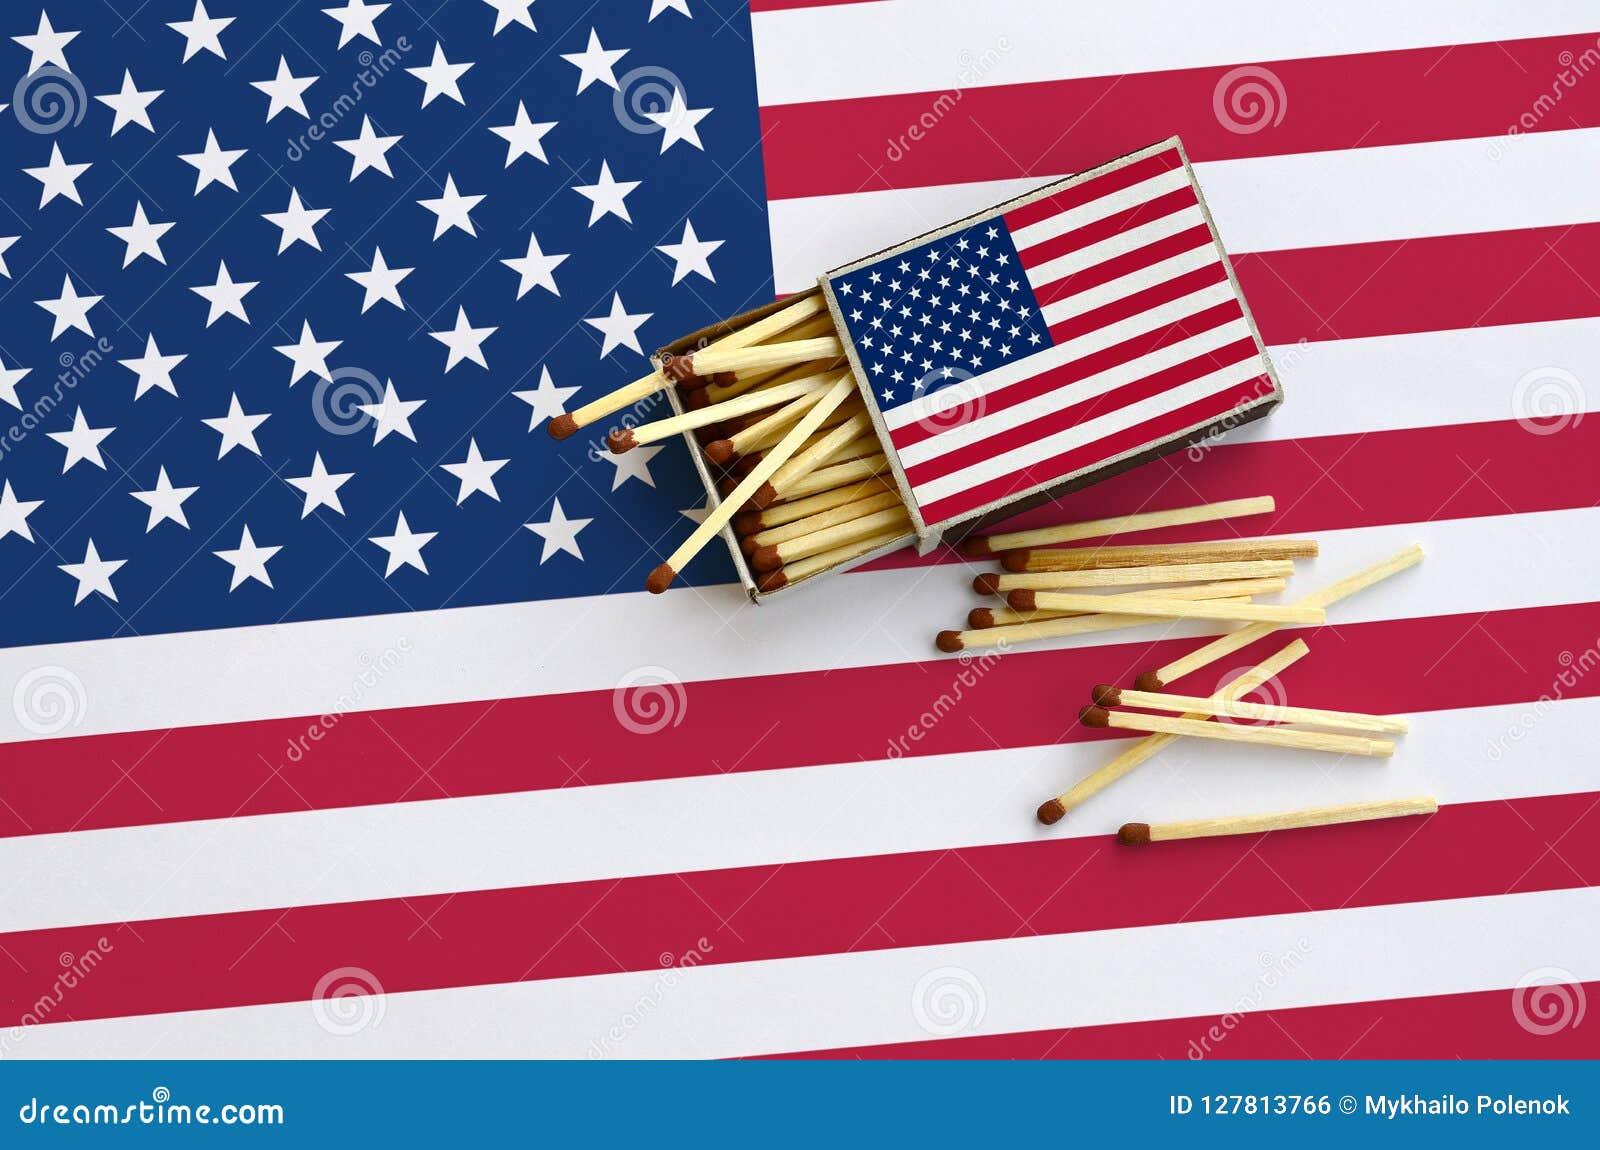 Die Vereinigten Staaten von Amerika kennzeichnen werden gezeigt auf einer offenen Streichholzschachtel, von der einiges Match und